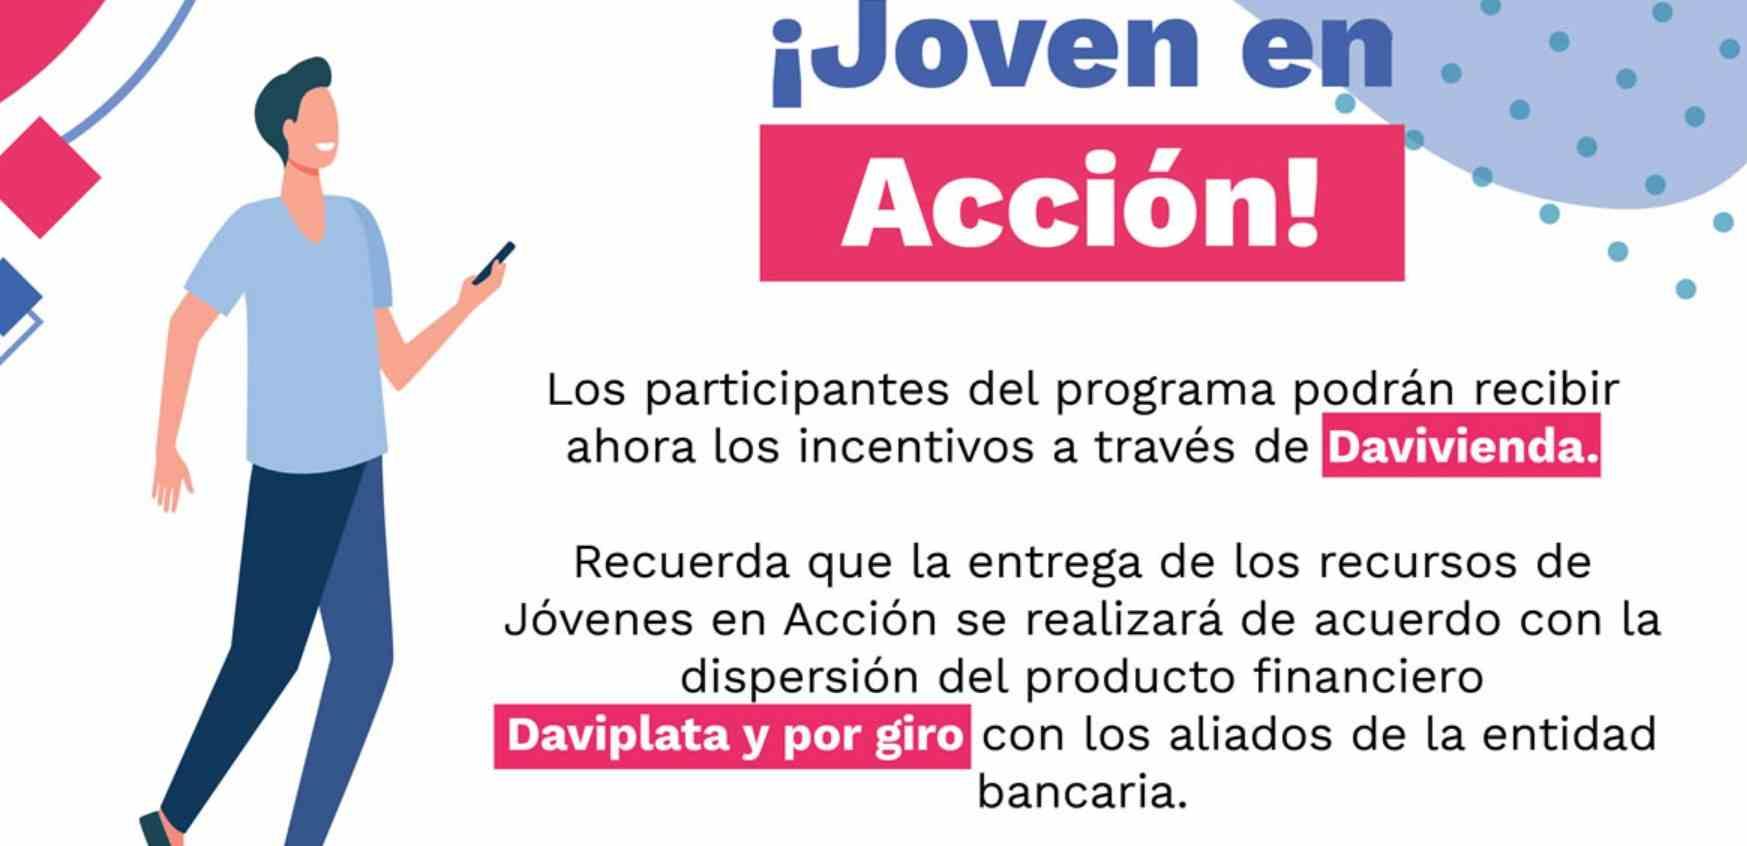 Daviplata y Davivienda pagan Jóvenes en Acción durante el 2021